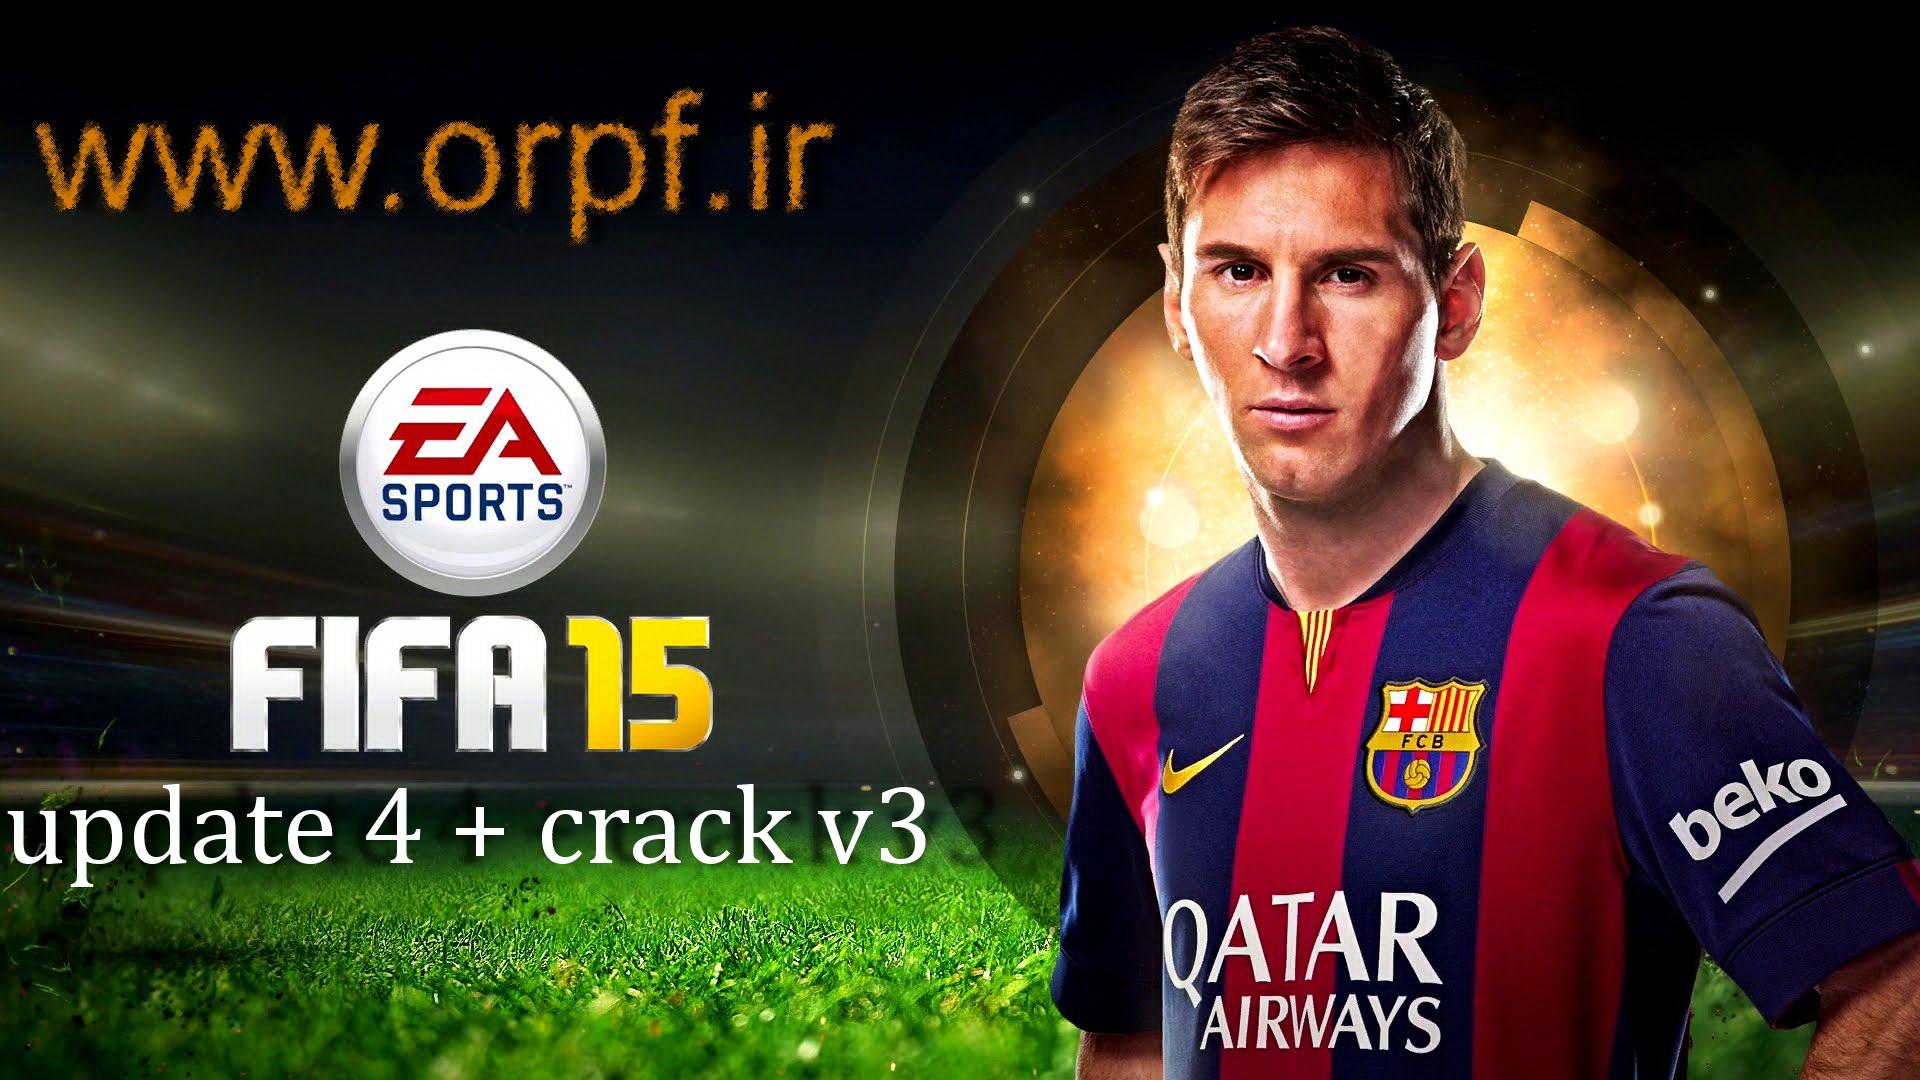 آپدیت 4 + کرک ورژن 3 برای FIFA 15